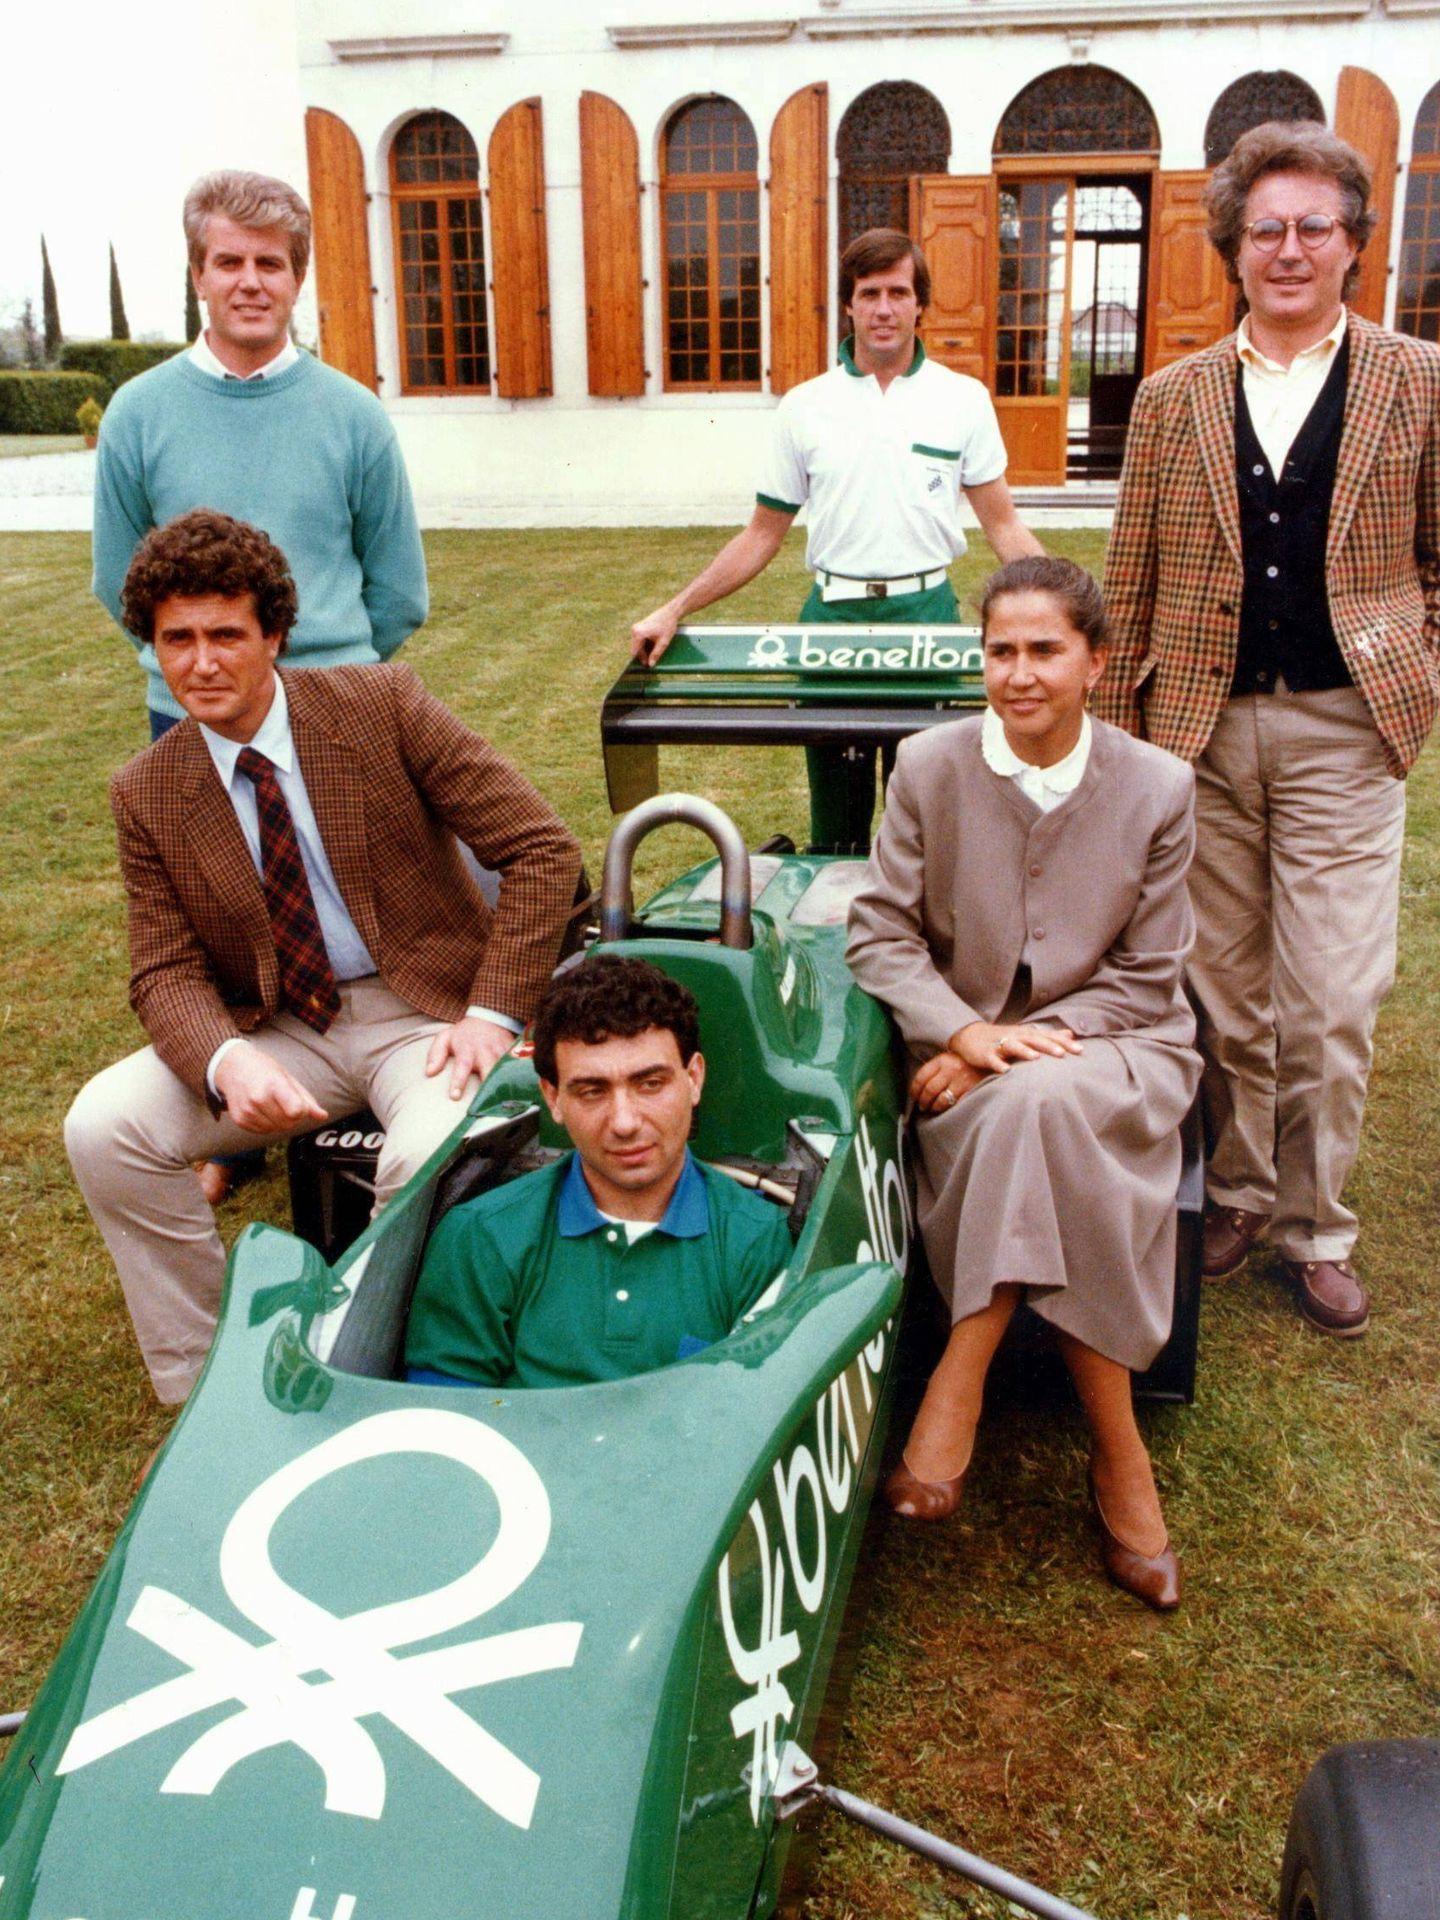 Los Benetton, de izquierda a derecha: Gilberto, Luciano, Carlo, Alboreto y Luciana. (Cordon Press)